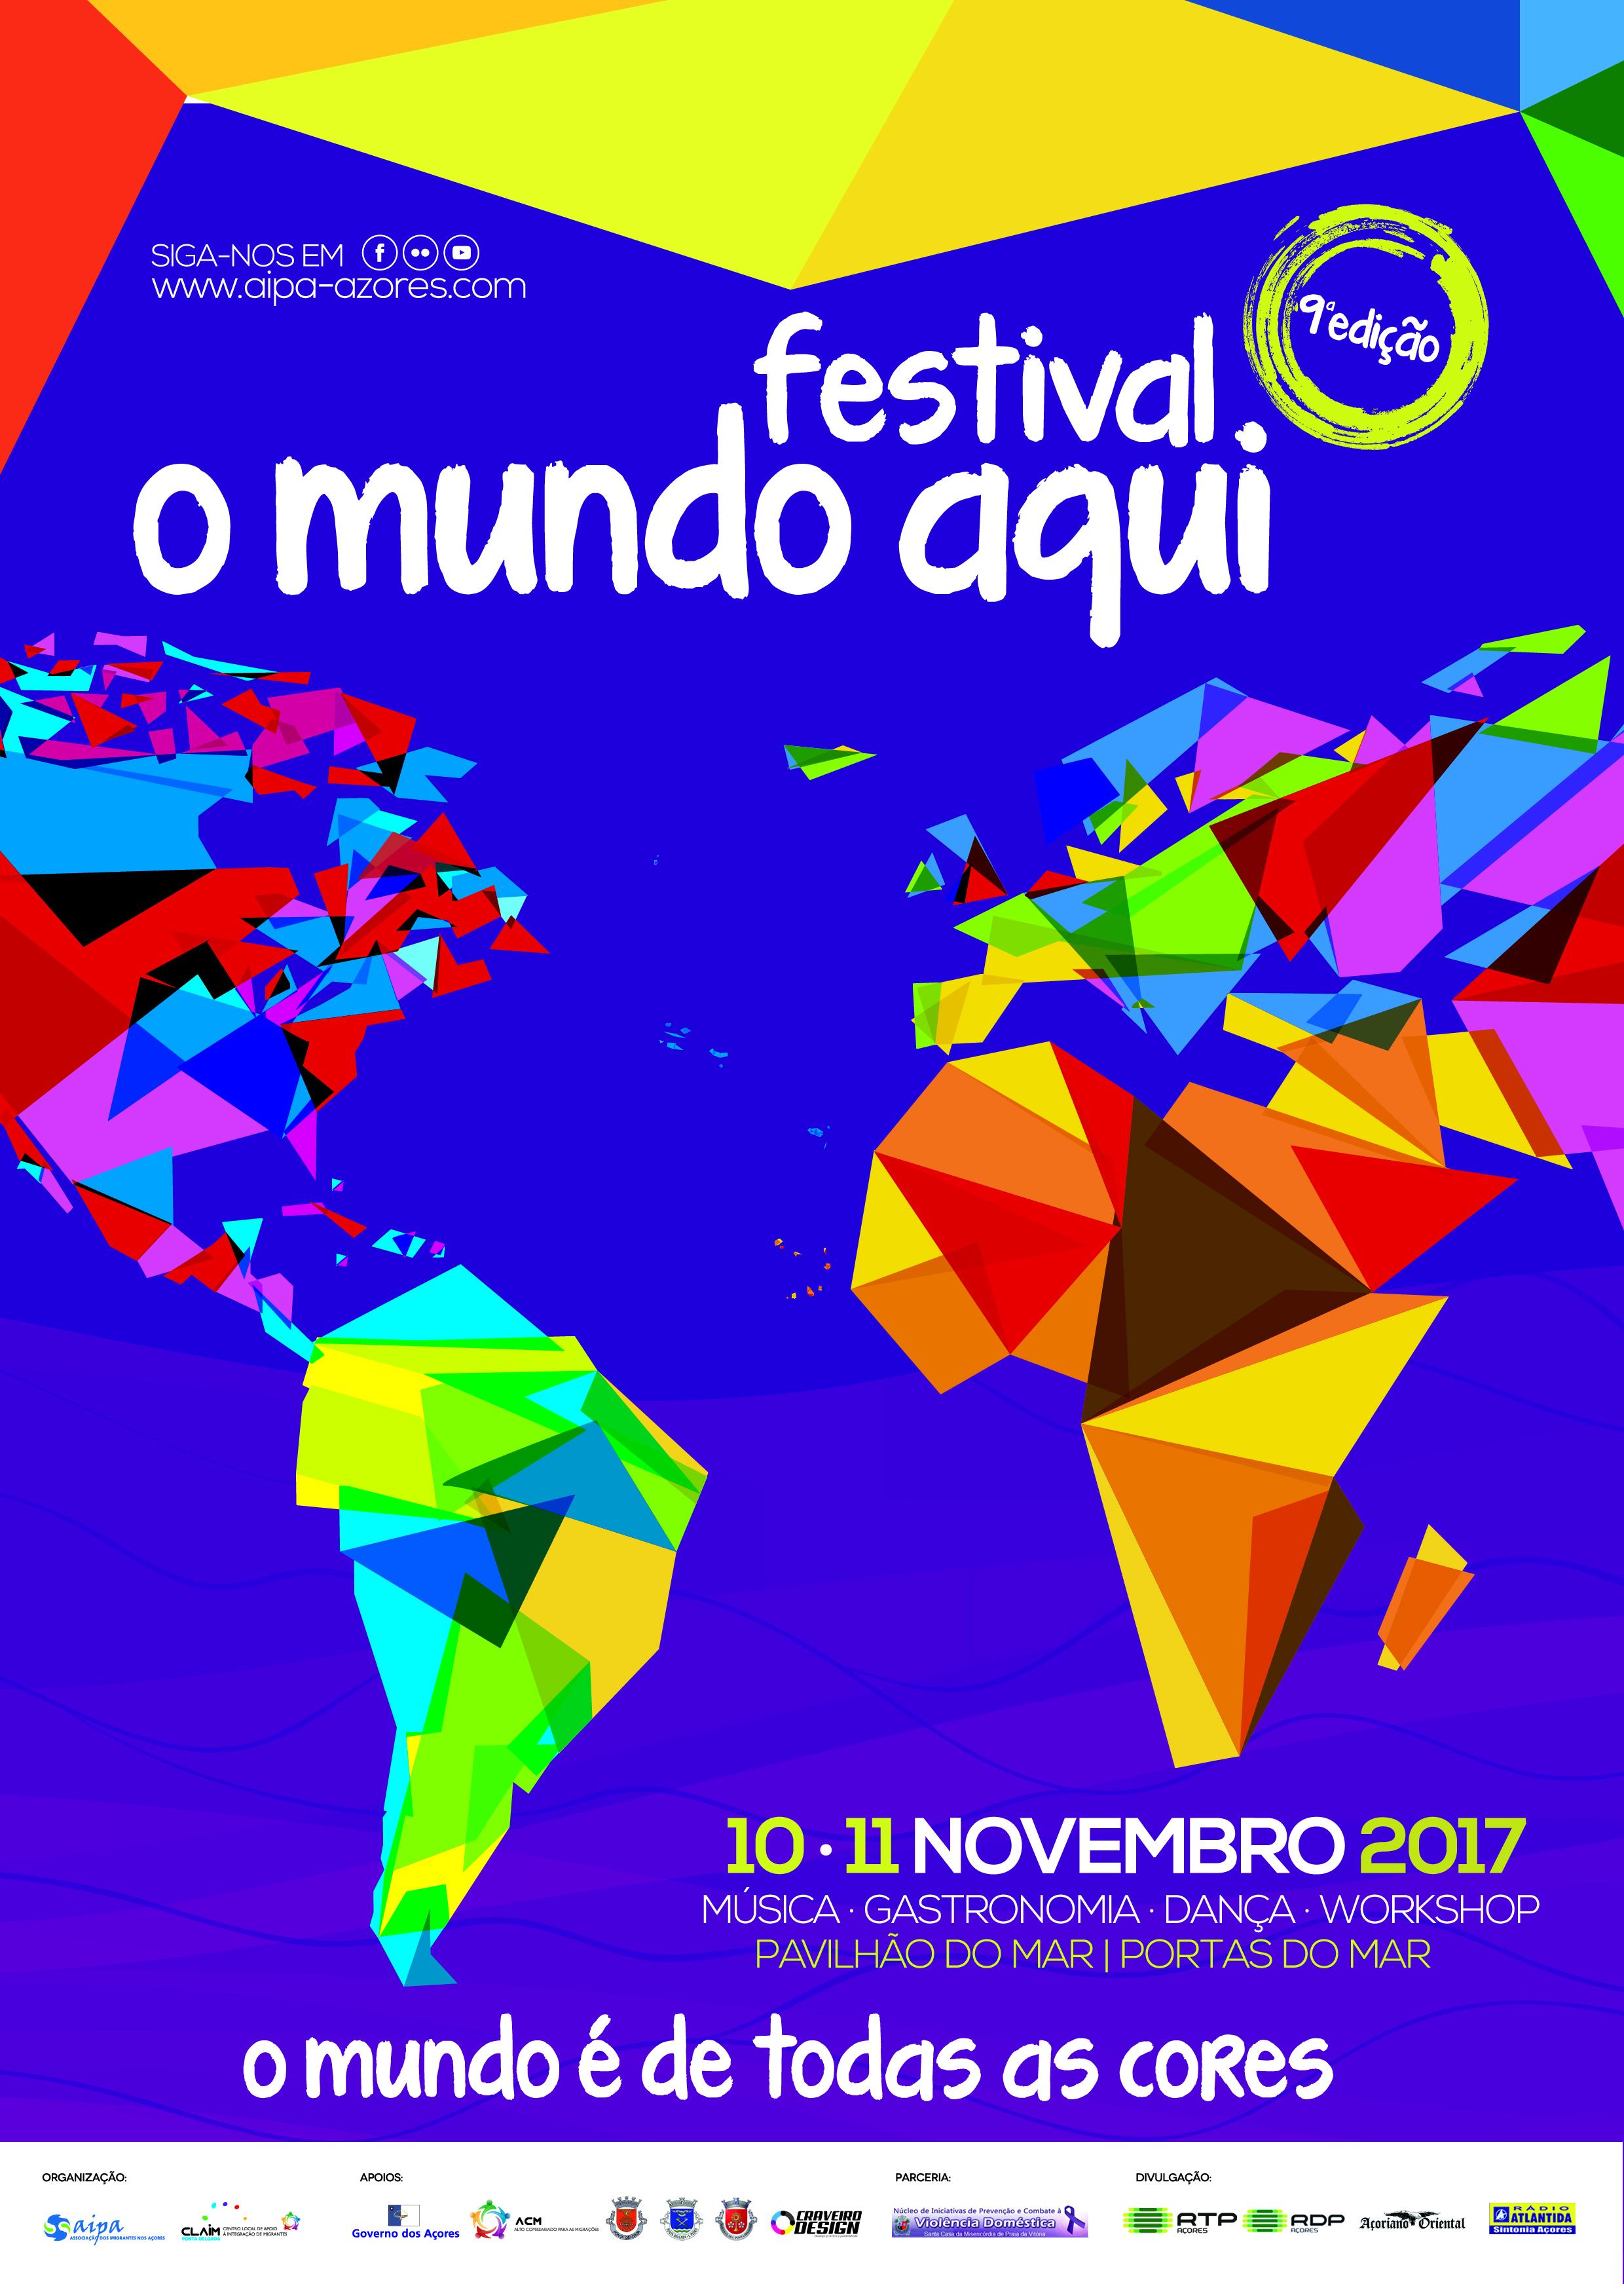 Resultado de imagem para festival o mundo aqui